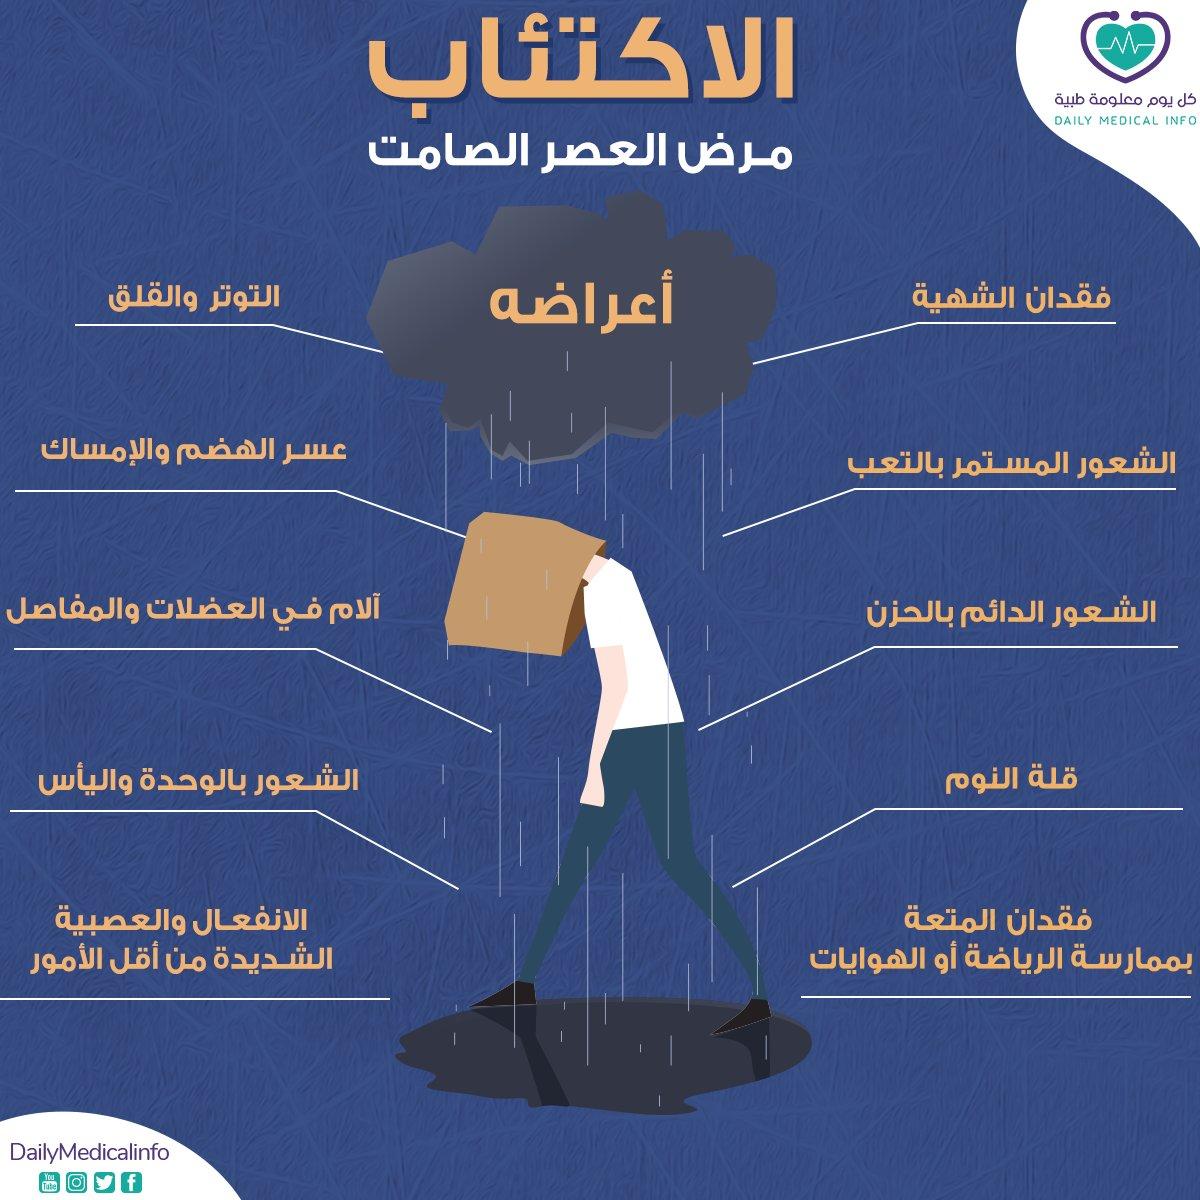 تعرفوا على أعراض مرض الأكتئاب